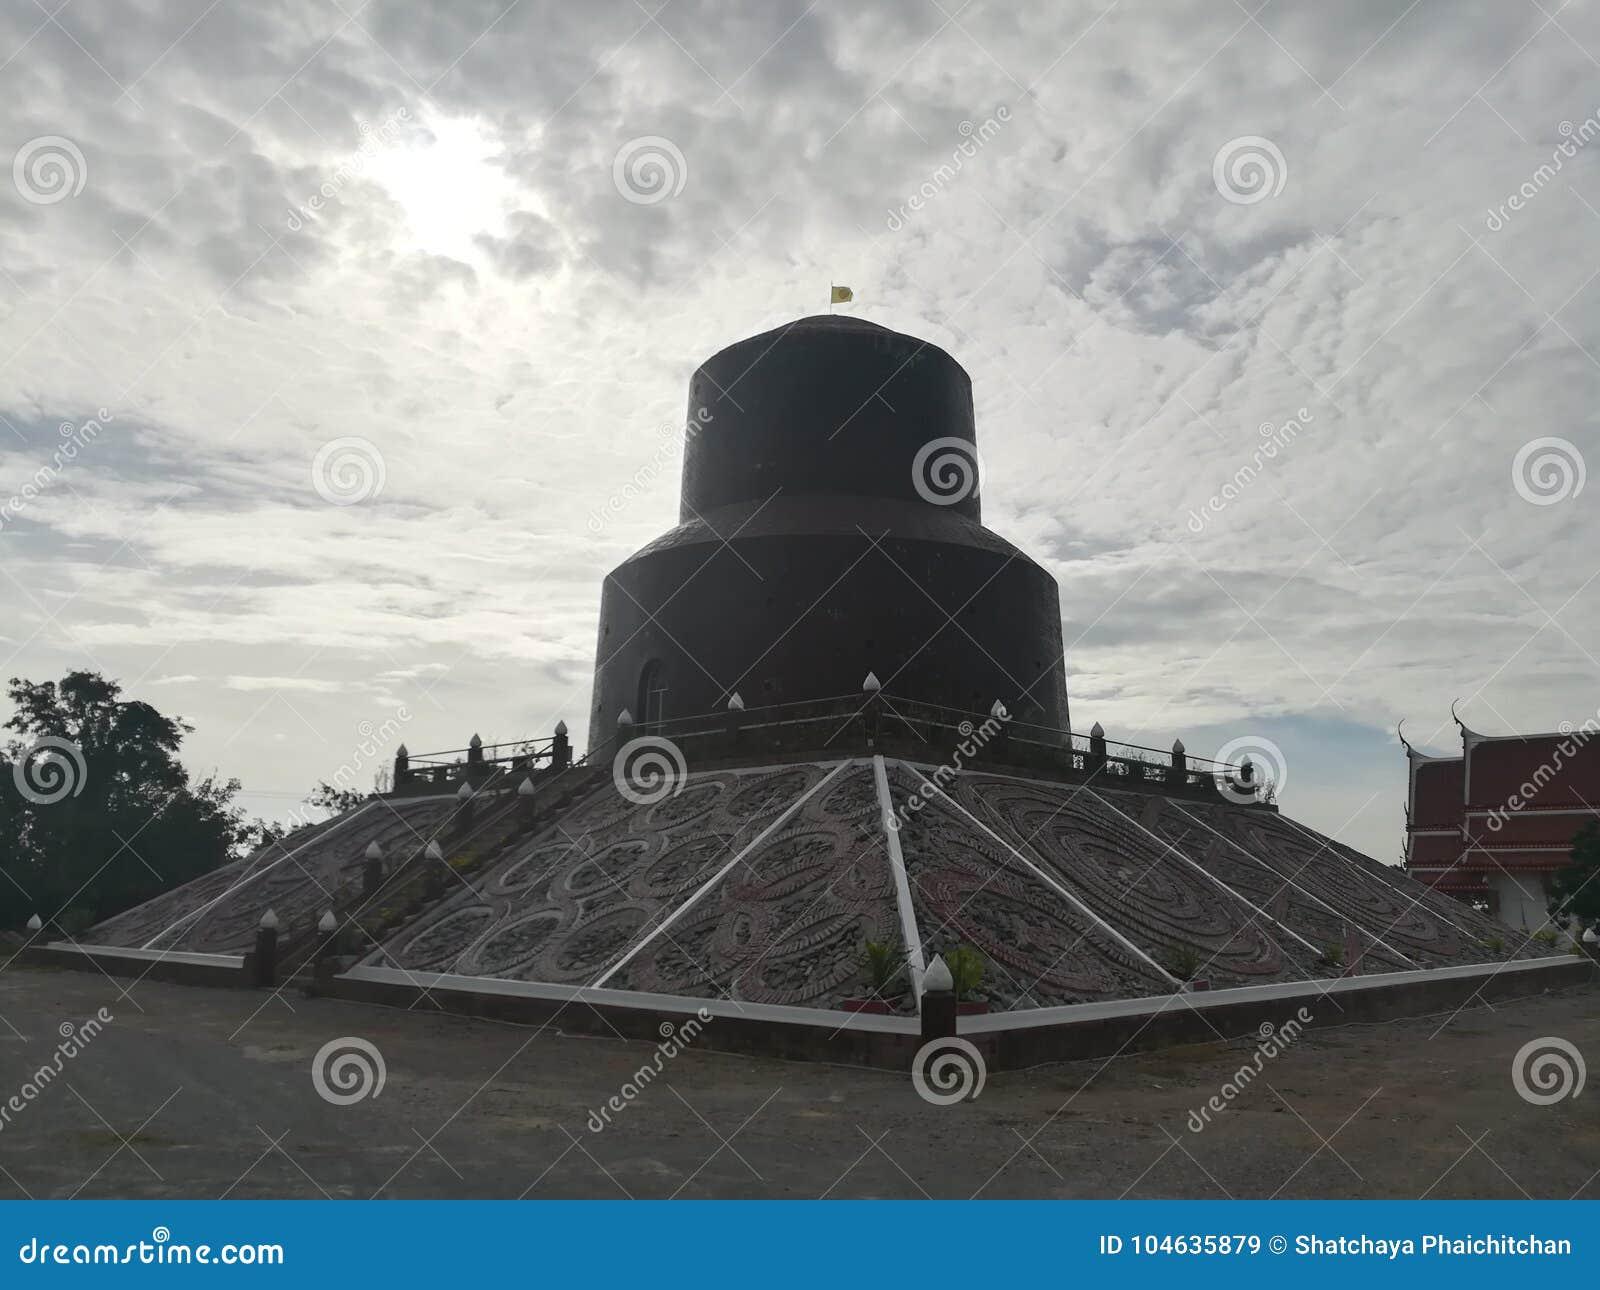 Download Mooie Tempels En Aantrekkelijkheden Historisch In Thailand Stock Afbeelding - Afbeelding bestaande uit herdenkings, hemel: 104635879